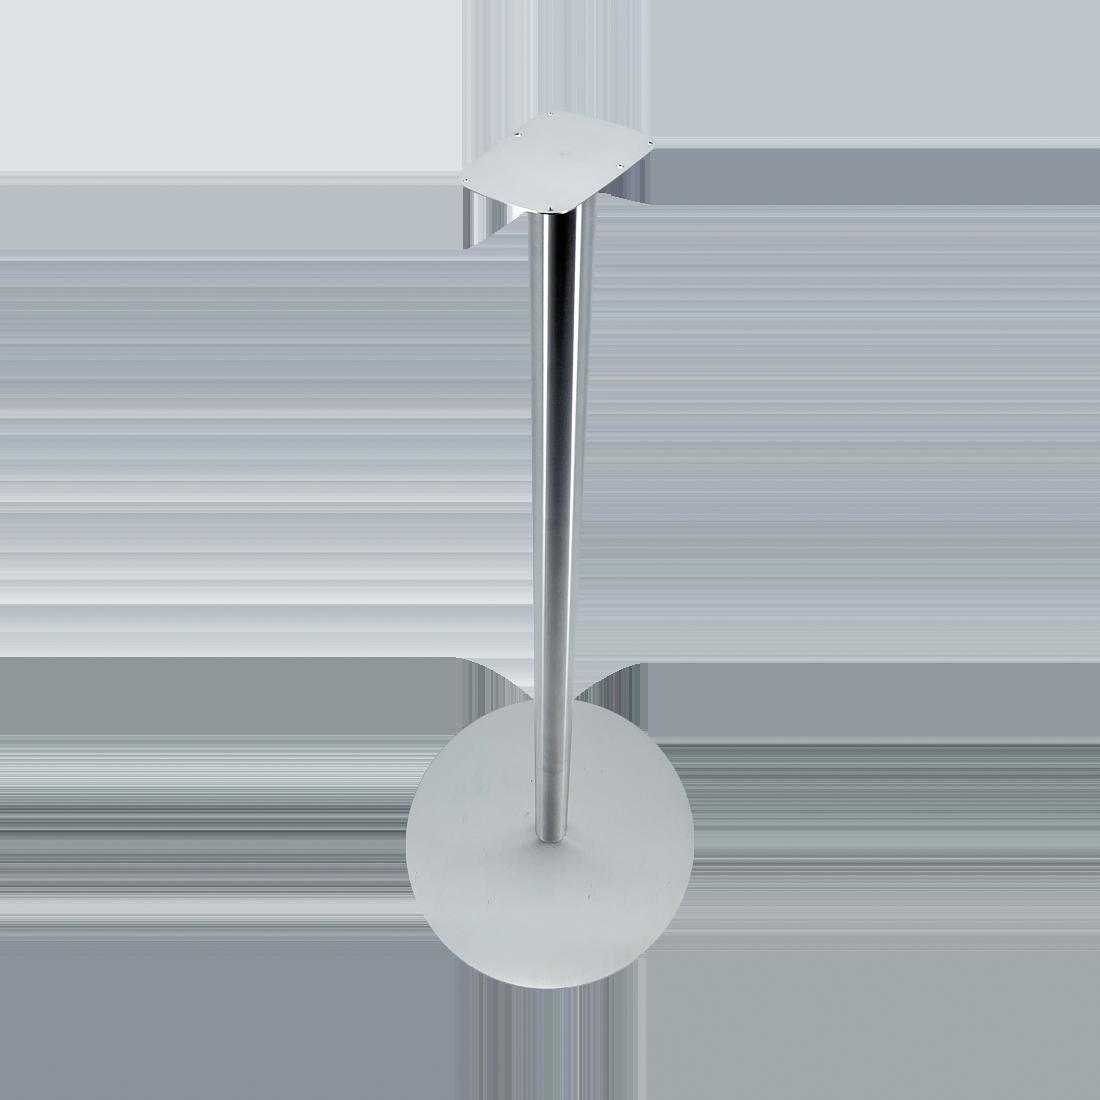 RX 5 T Standfuß, freistehend für RX5T (Art. Nr.: 55920), Edelstahl, silber, H 950 x Ø 385 mm